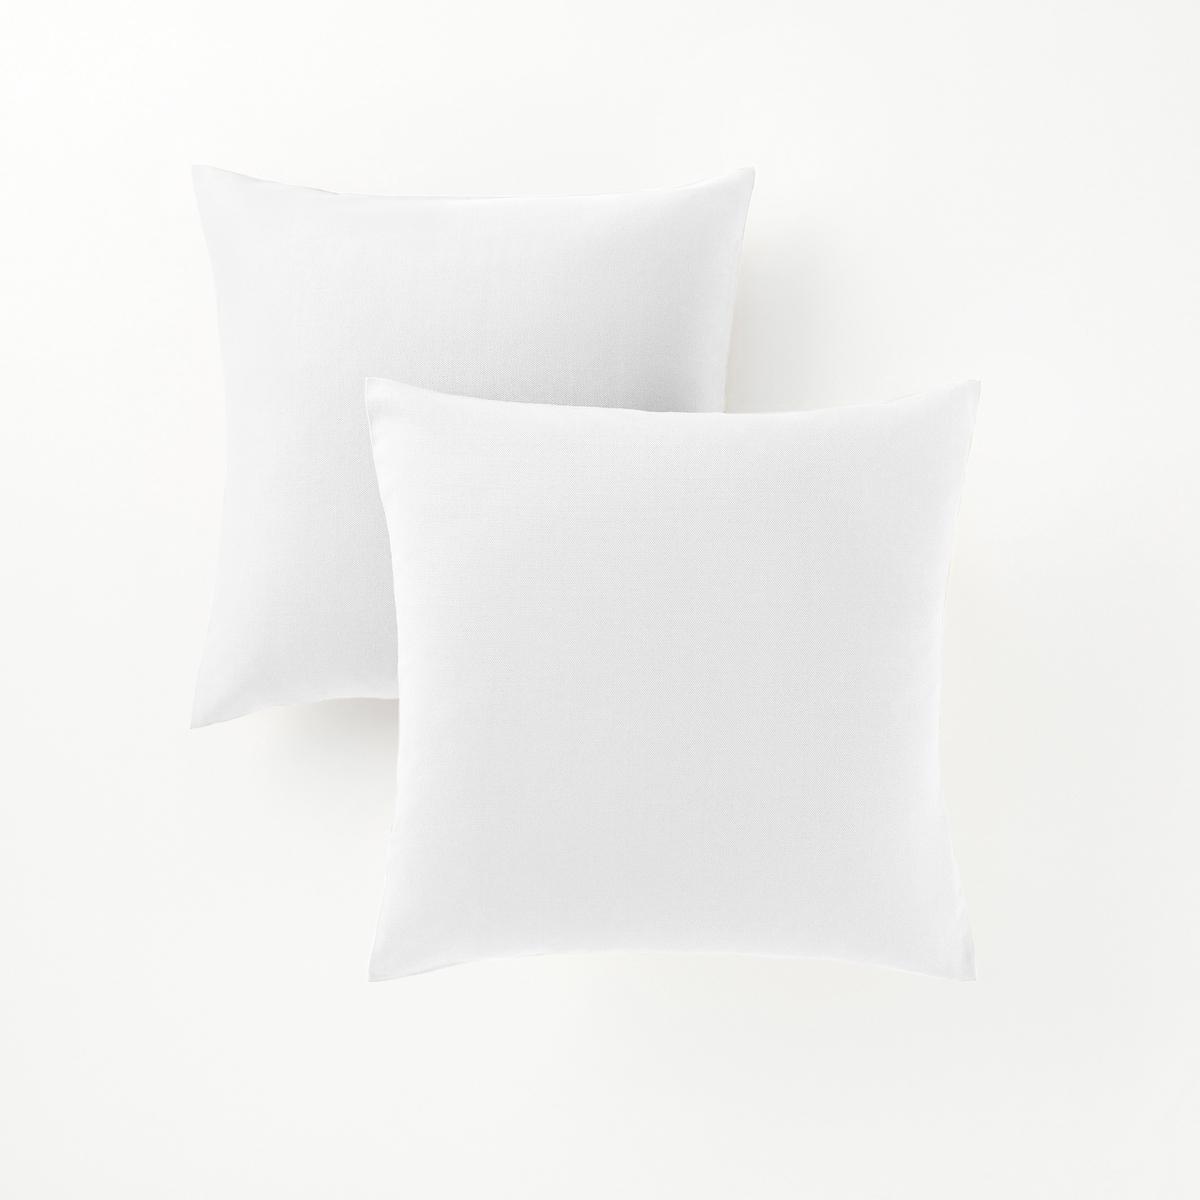 2 квадратных или прямоугольных чехла на подушки2 квадратных или прямоугольных чехла на подушки : декоративная расцветка, можно сочетать по желанию !       Характеристики 2 или прямоугольных чехлов на подушки :- Чехлы на подушки из красивой и очень прочной ткани (220 г/м?), застежка на молнии.- Гарантия расцветки : превосходная стойкость от воздействия солнечных лучей и стирок (40 °С).В комплекте 2 чехла одного цвета.                             Качество VALEUR S?RE.Подушки продаются отдельно.                                            Сертификат Oeko-Tex® дает гарантию того, что товары изготовлены без применения химических средств и не представляют опасности для здоровья человека.<br><br>Цвет: белый,бледно-зеленый,медовый